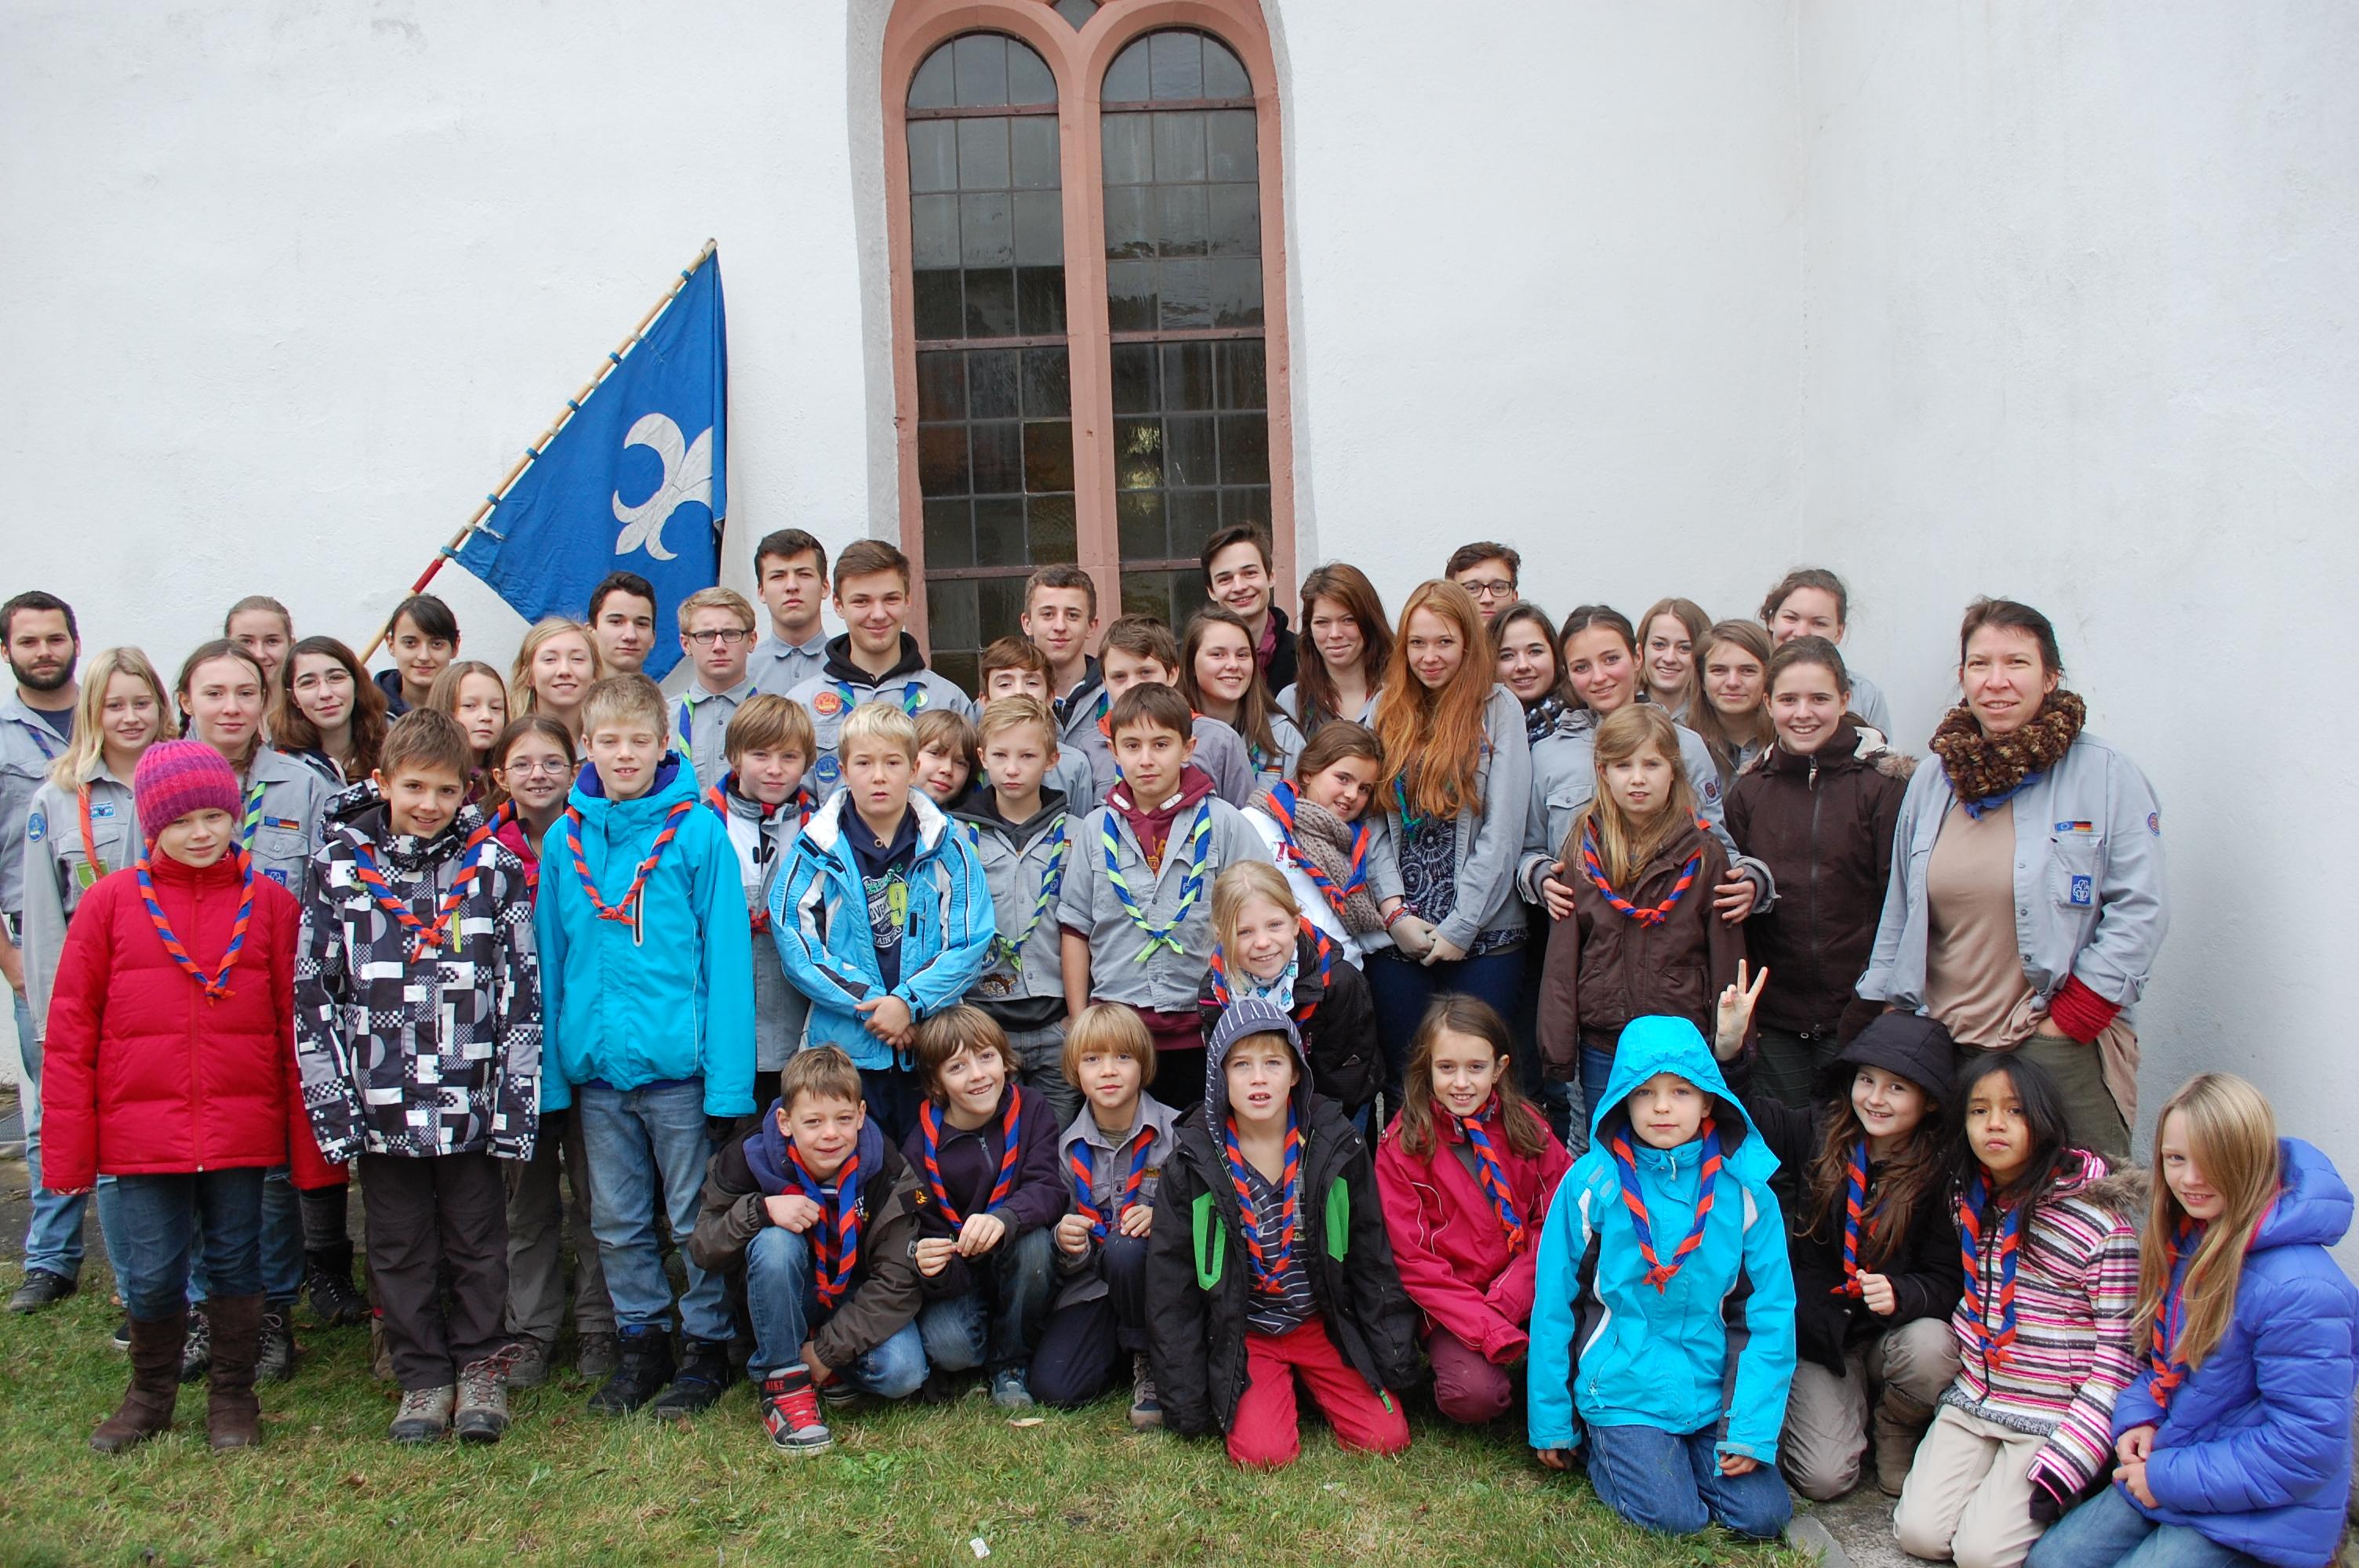 2013-11-17 - 11.23 - Novemberfahrt VCP DSC_0849